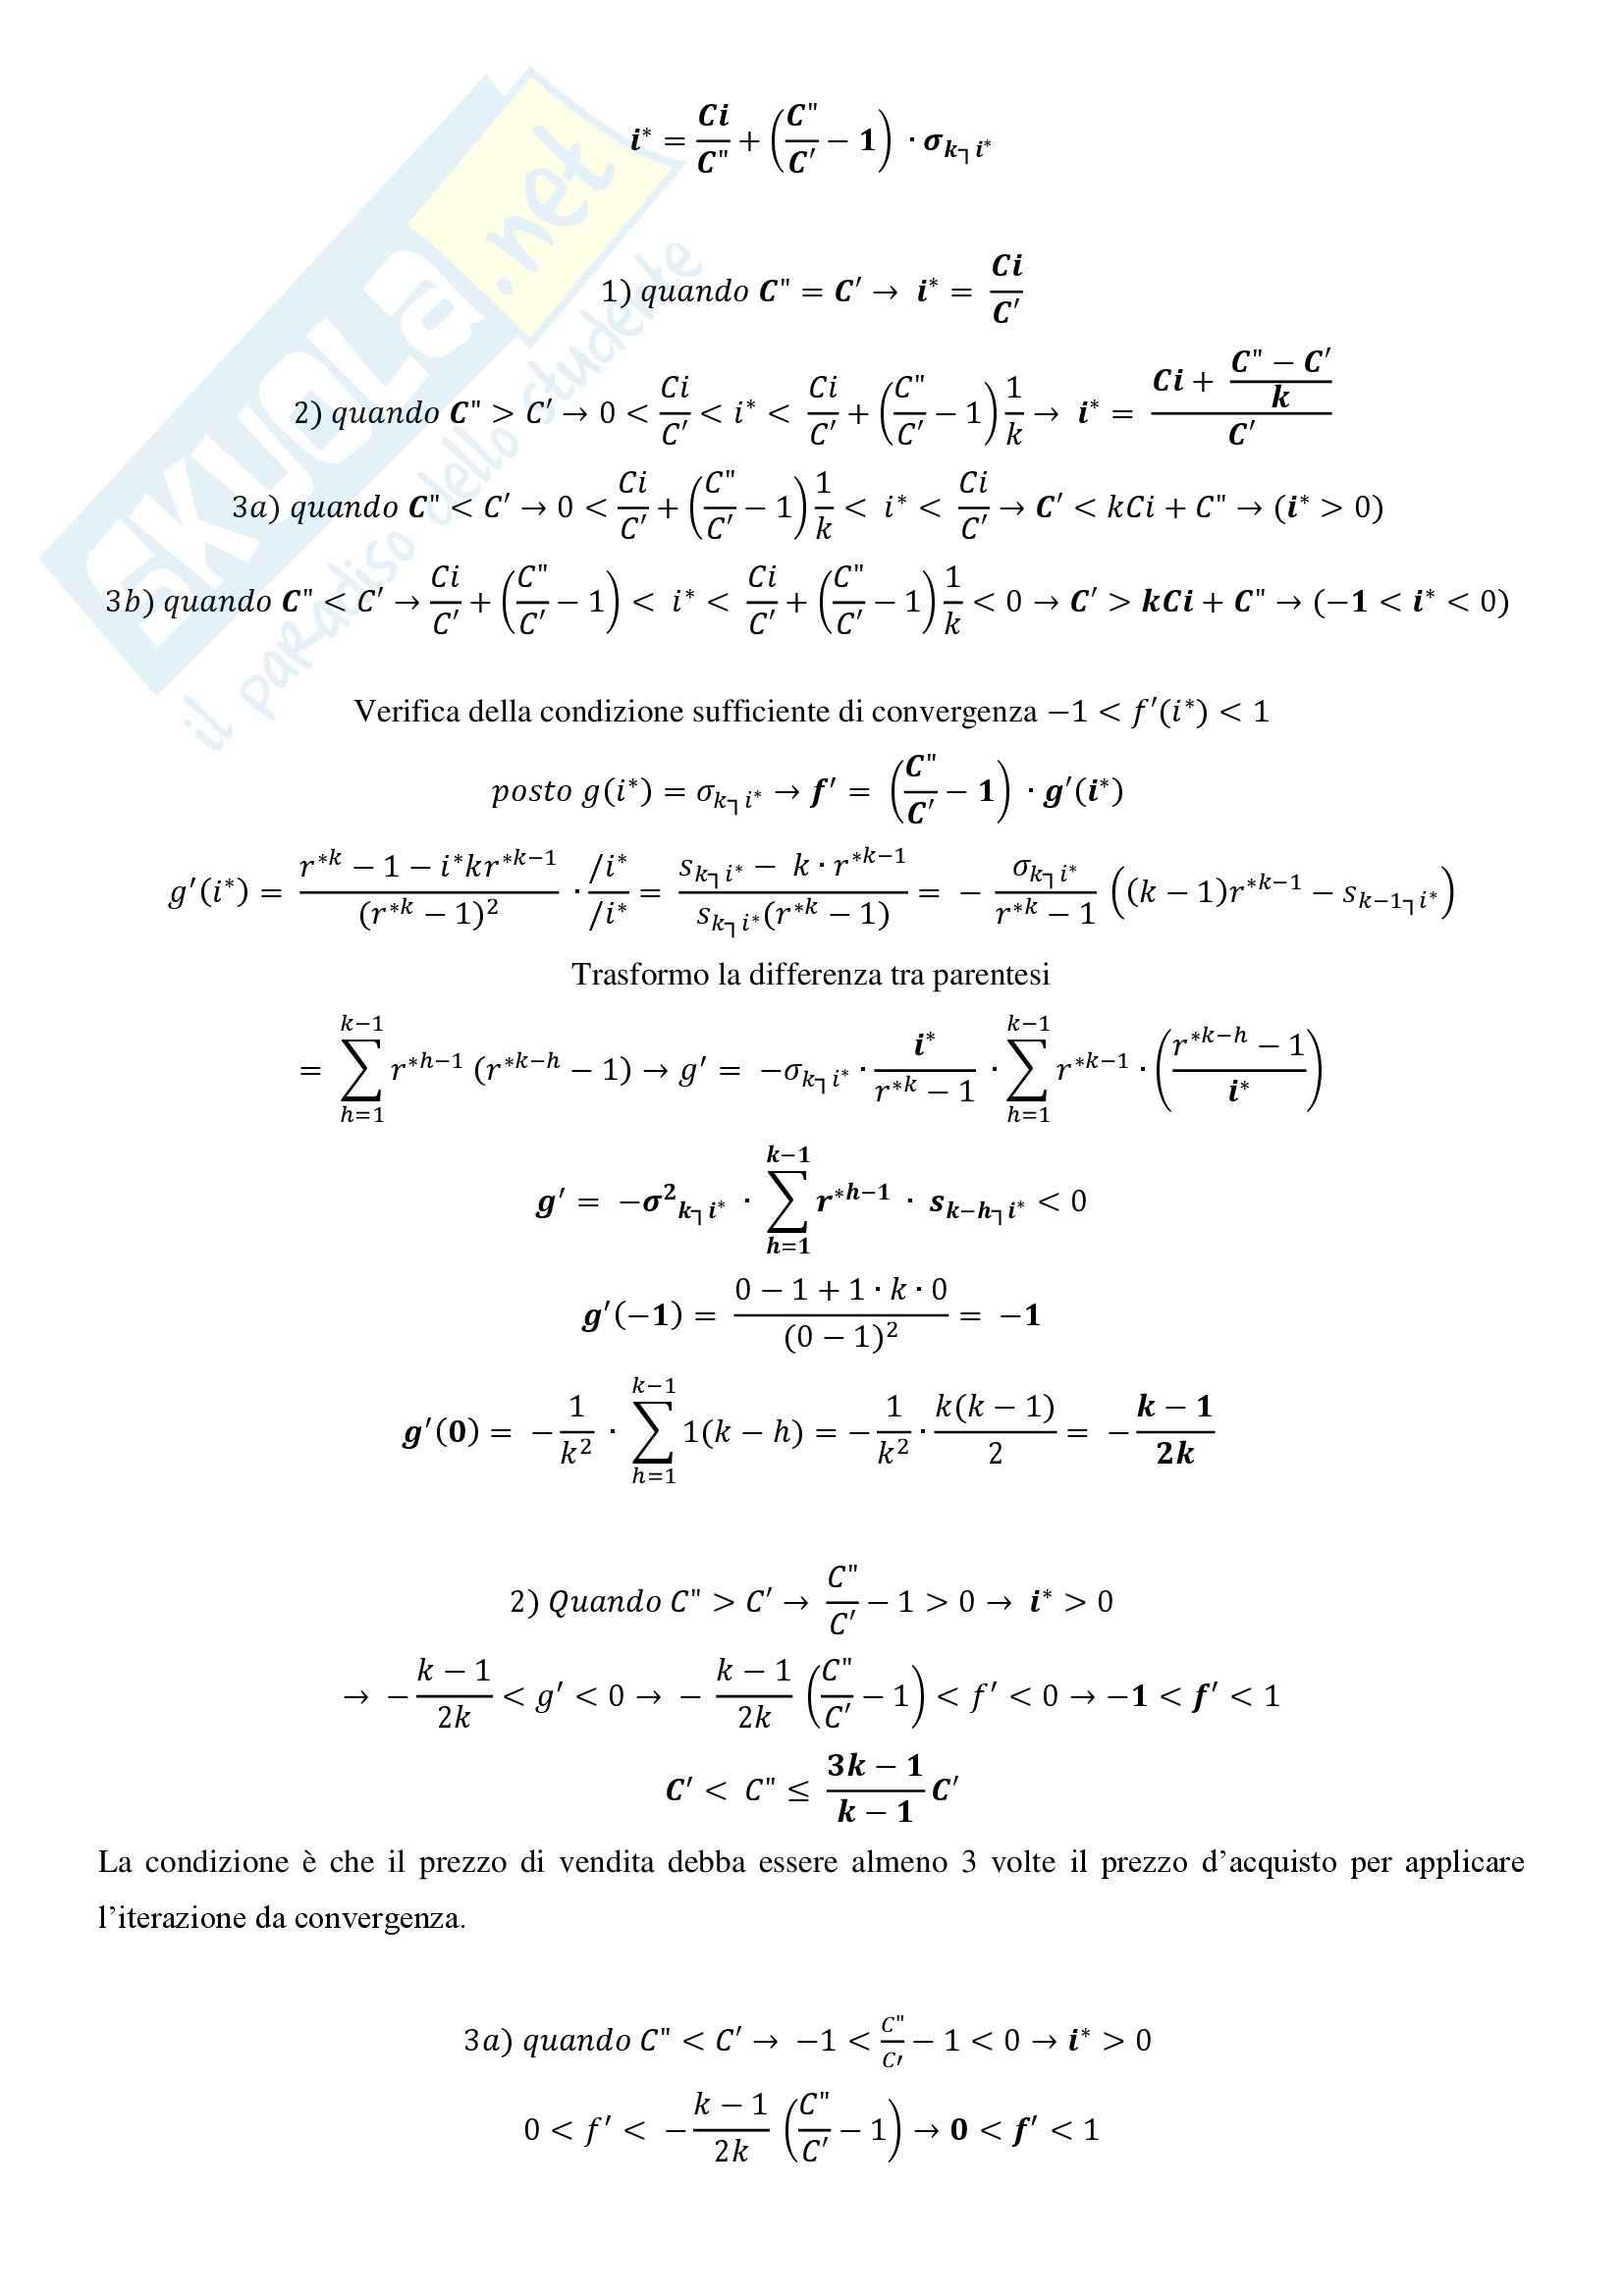 Matematica Finanziaria - Appunti Pag. 36